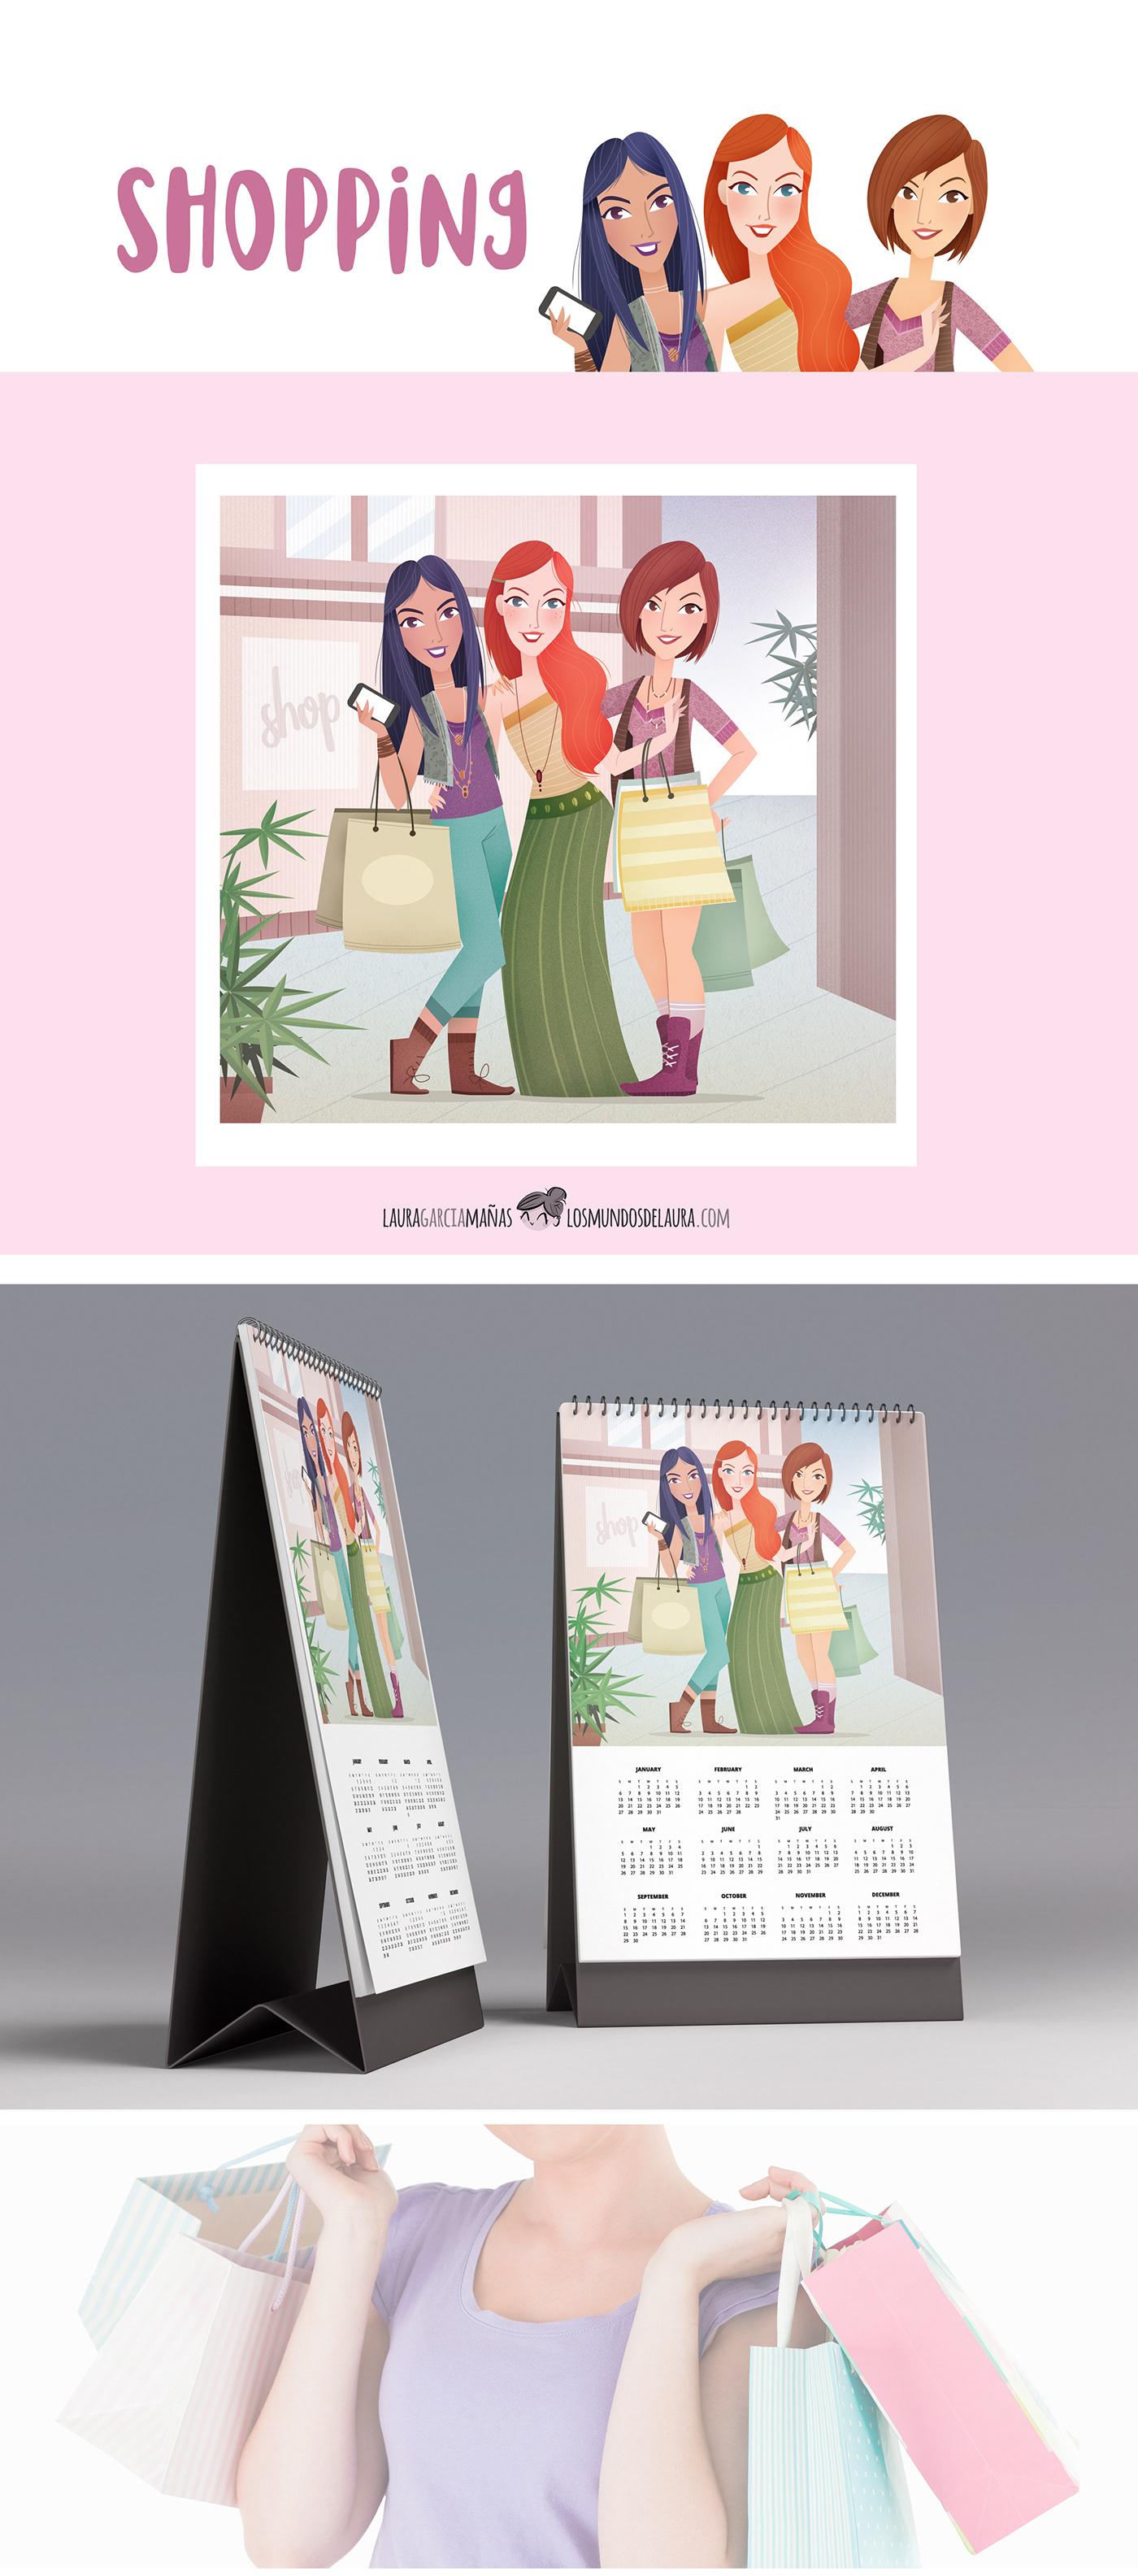 calendarios Shopping pharmacy girls Chicas farmacia